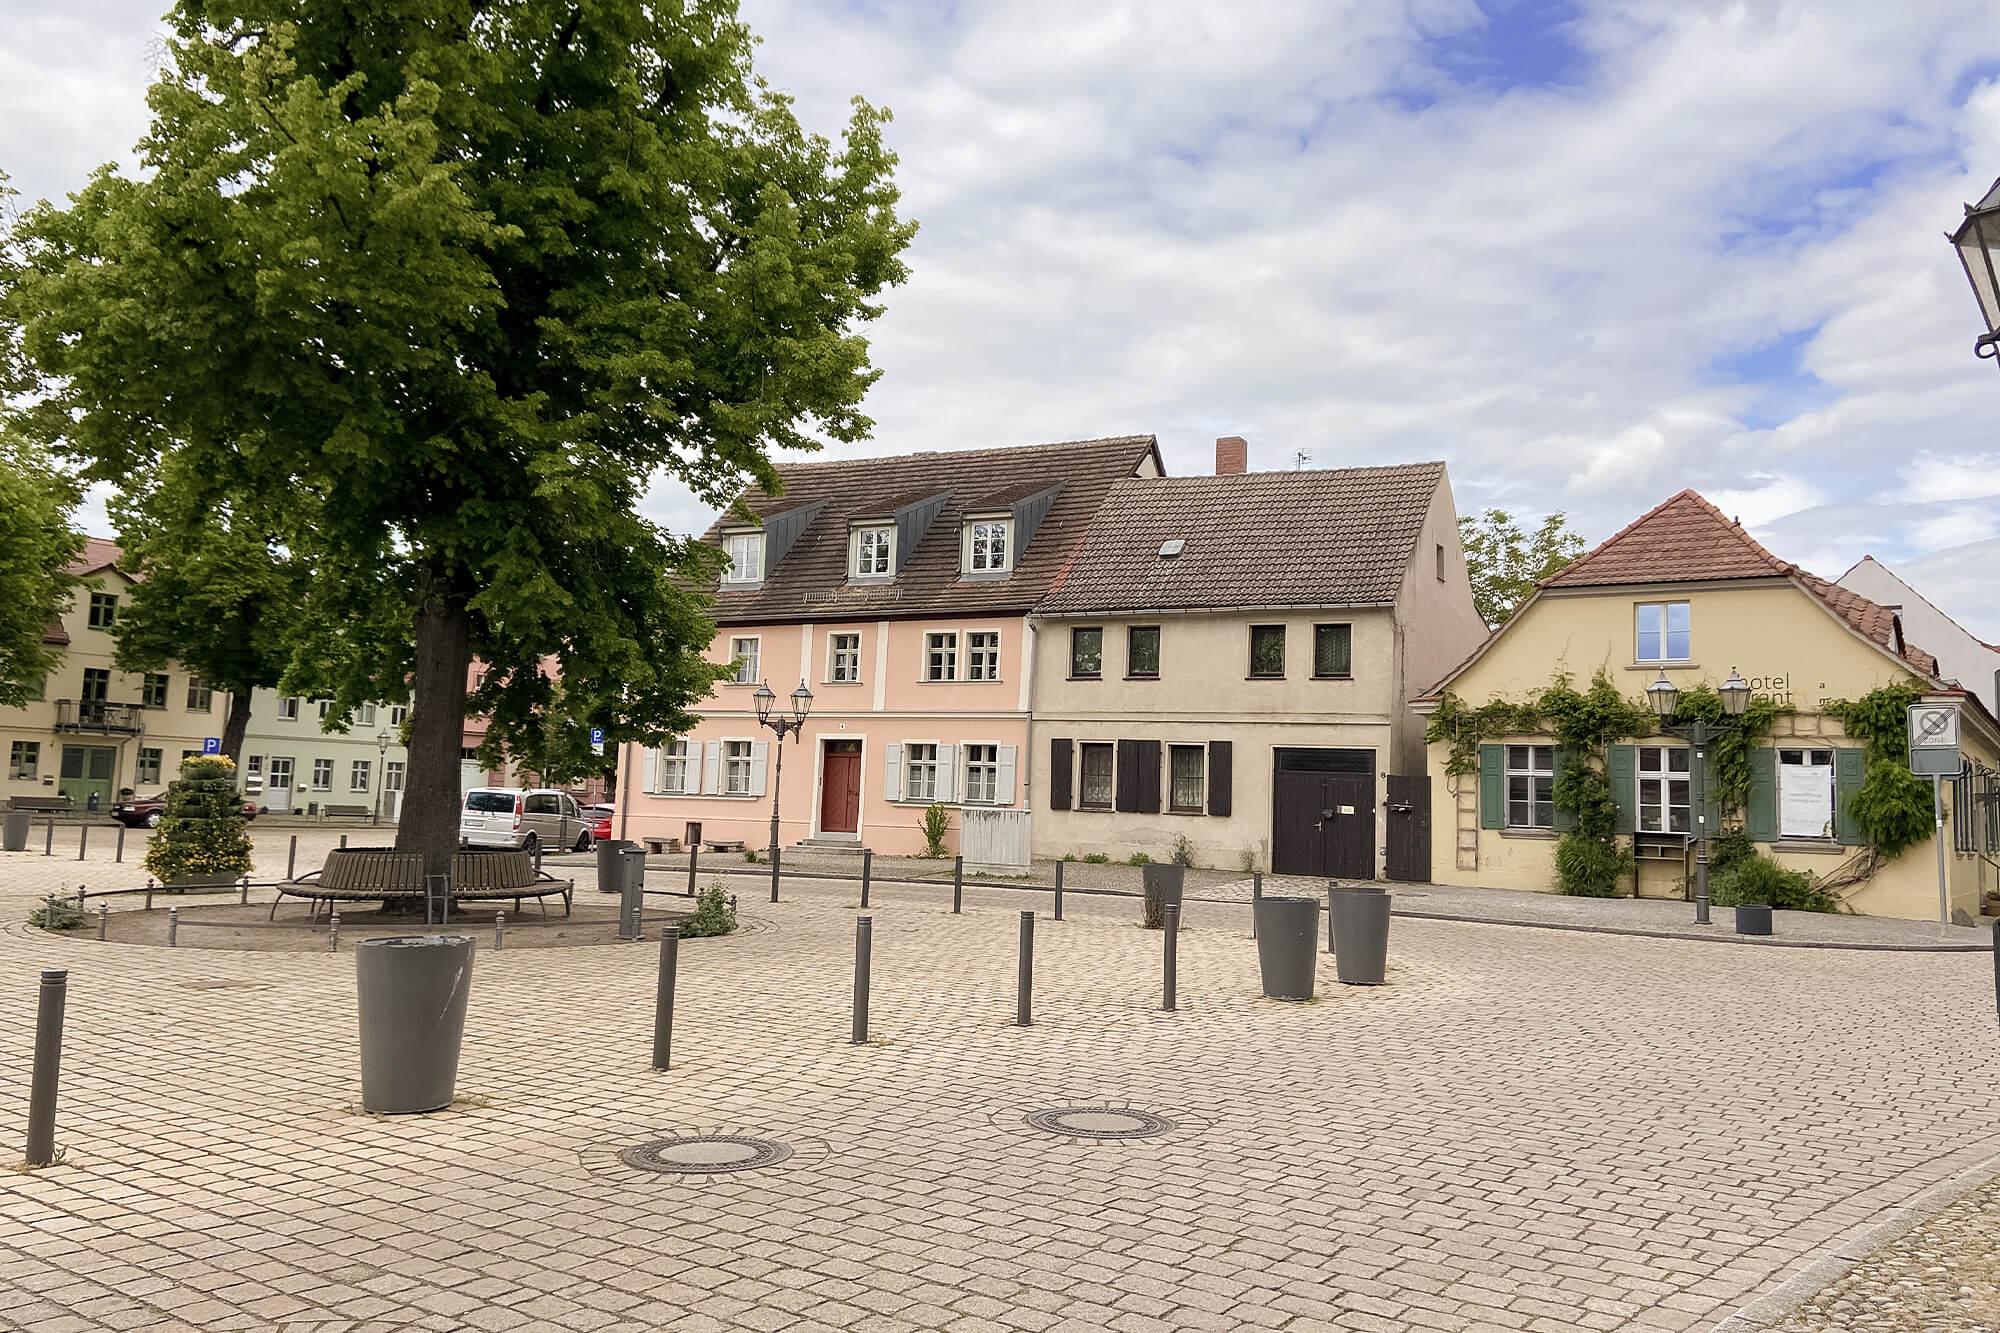 Marktplatz in Werder an der Havel